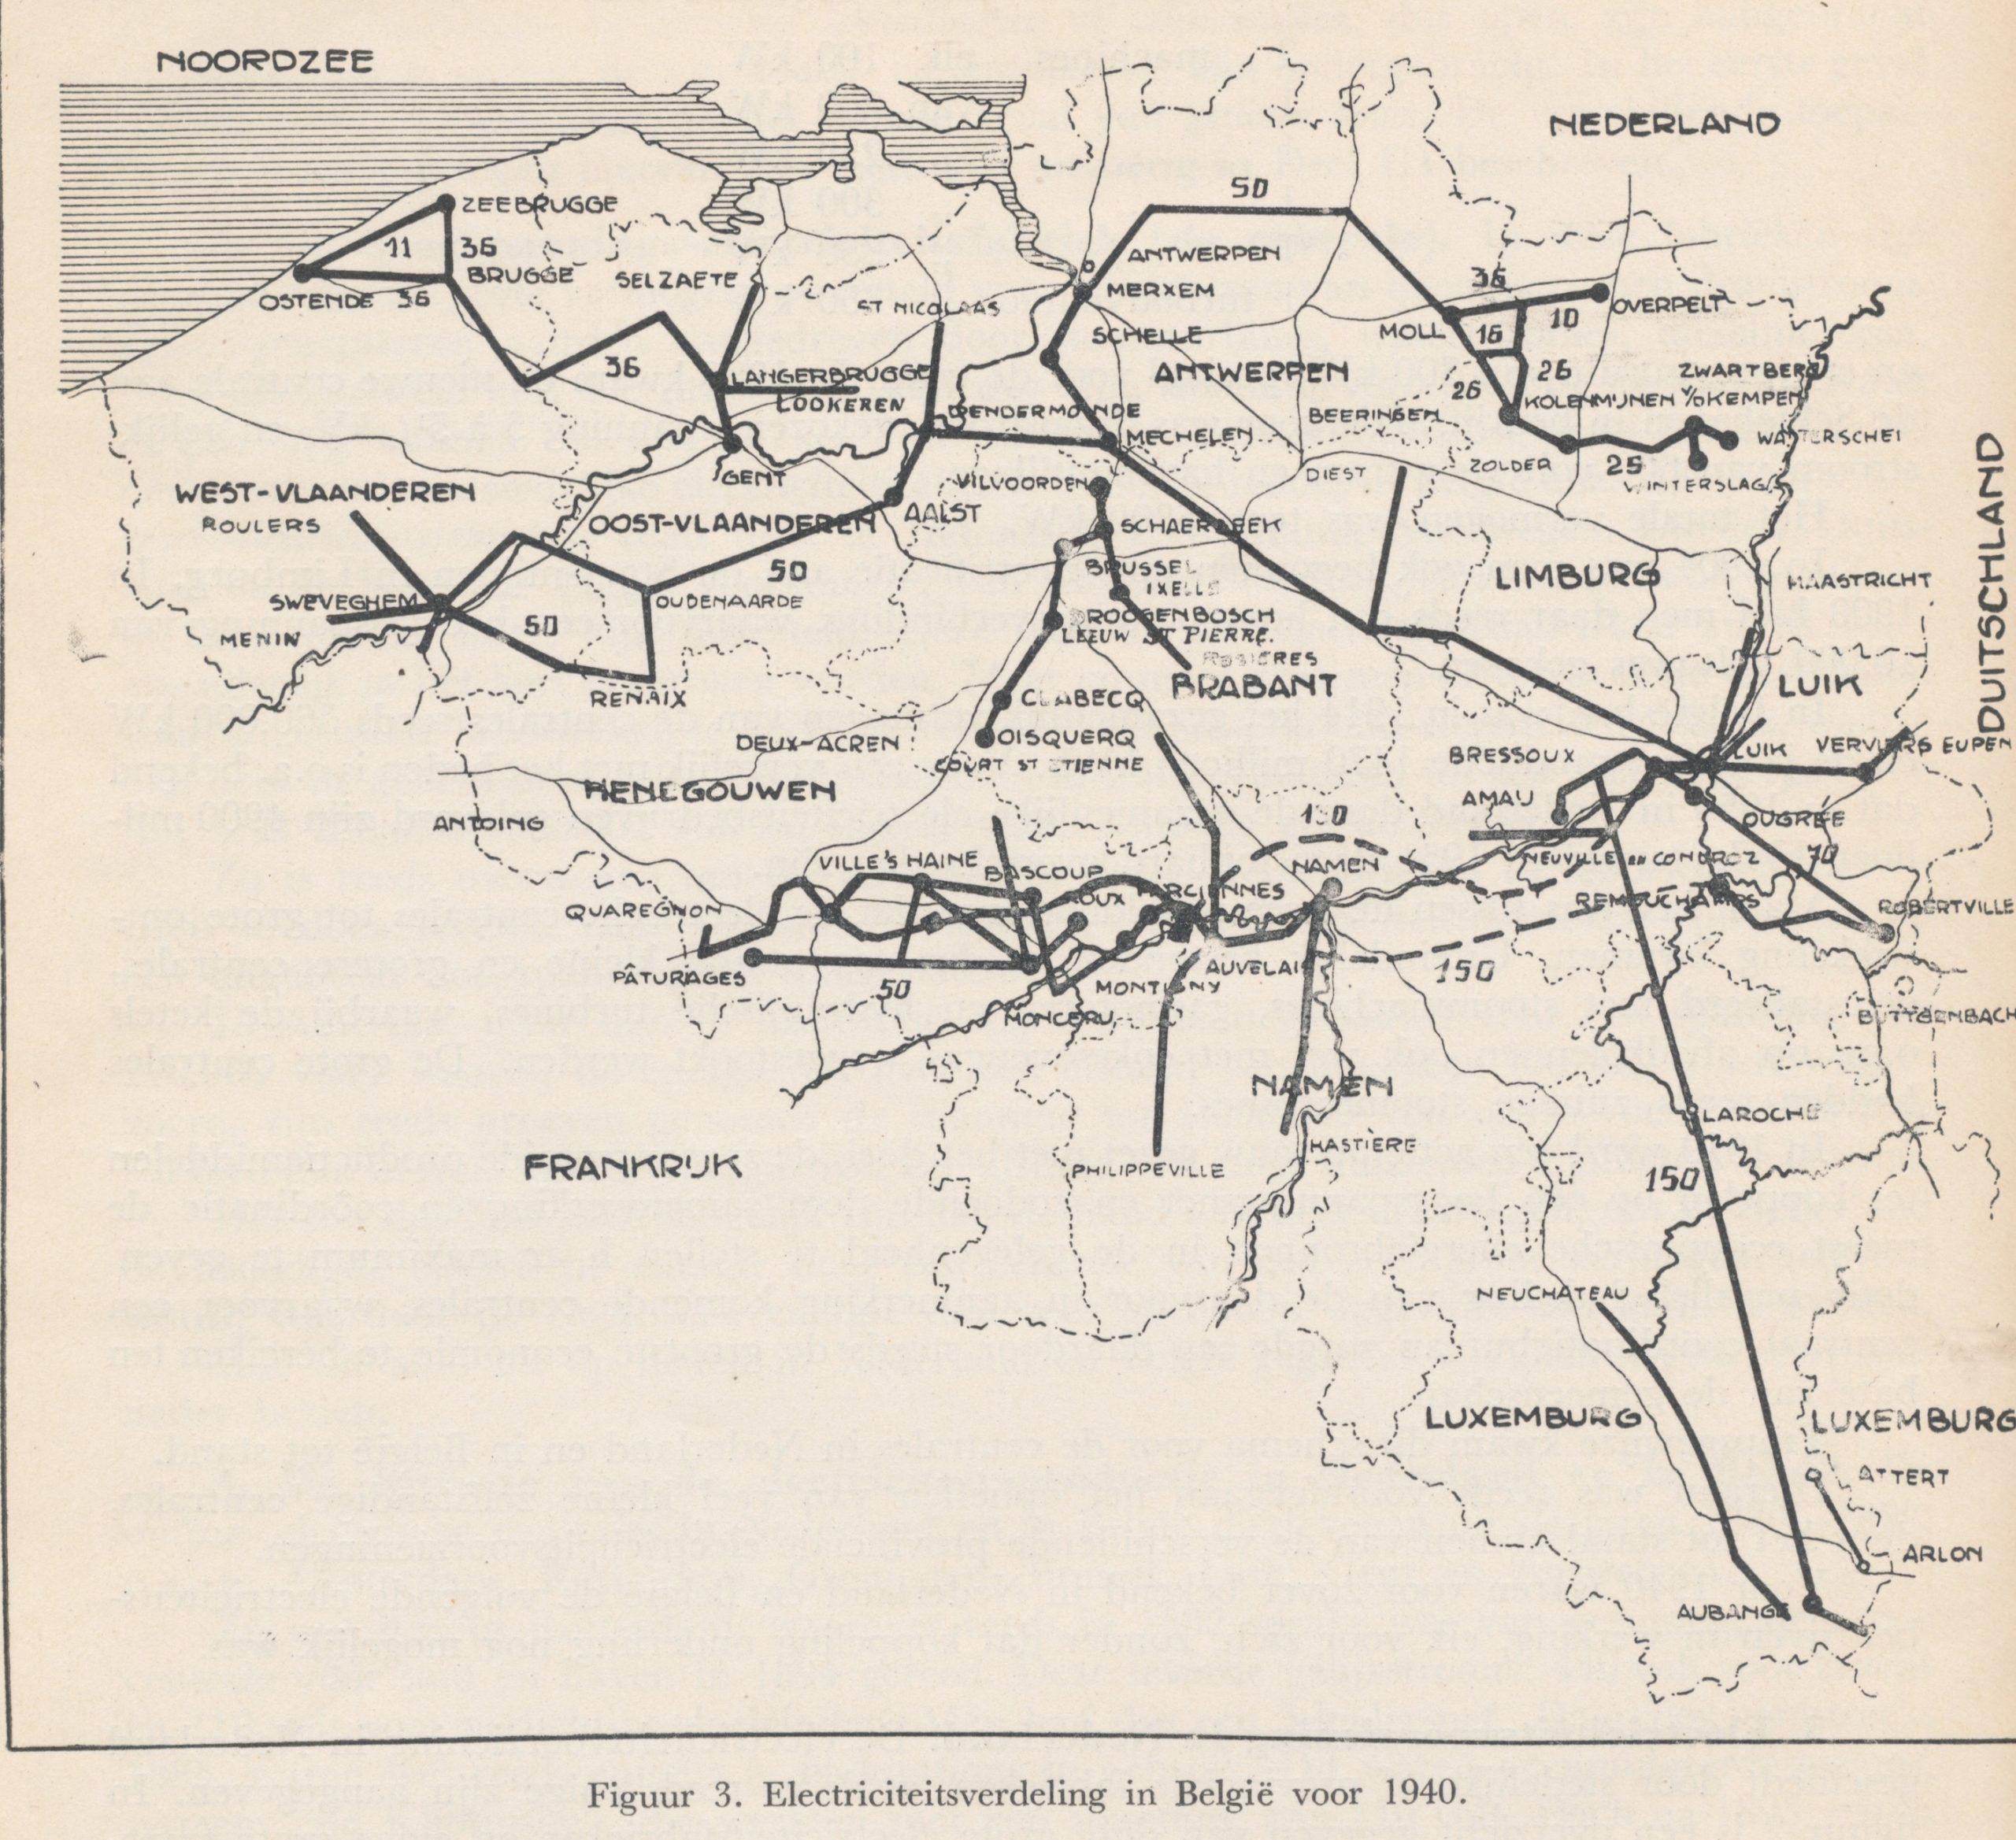 Netkaart van circa 1940